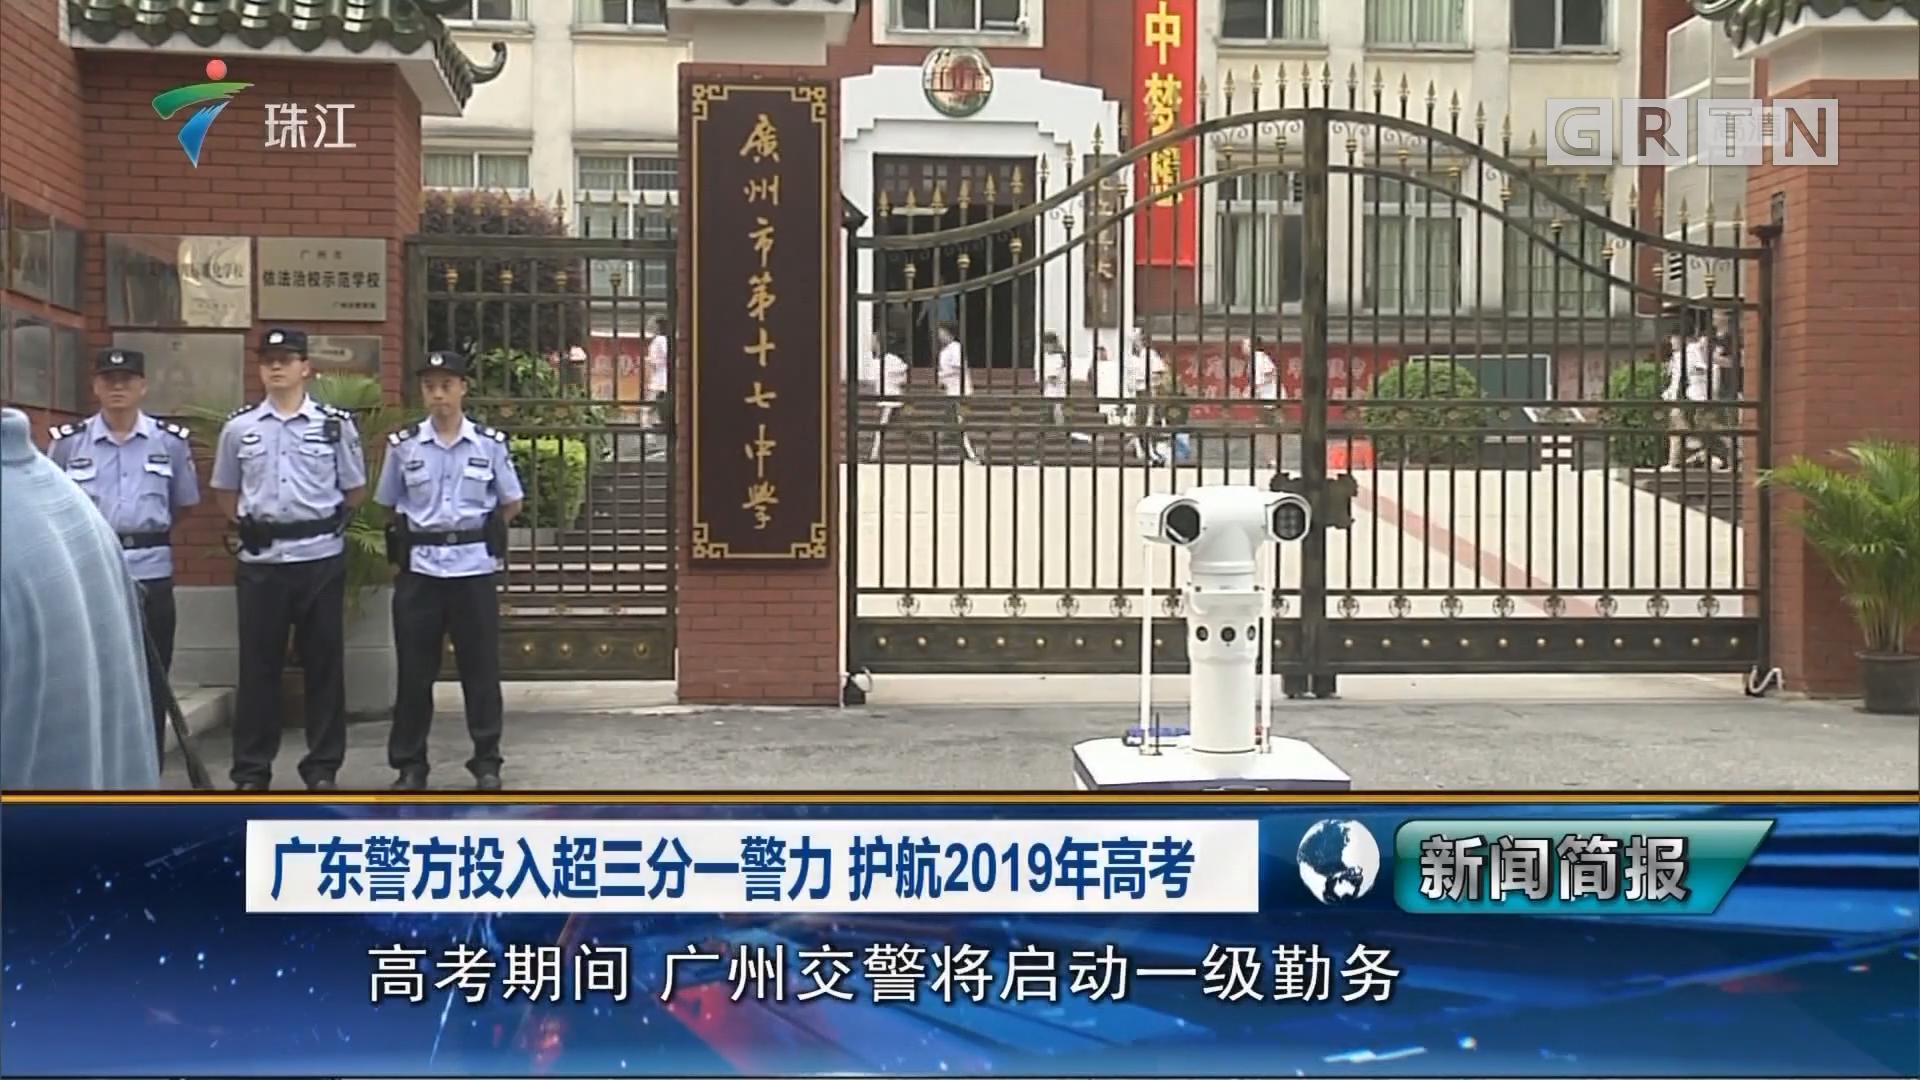 广东警方投入超三分一警力 护航2019年高考